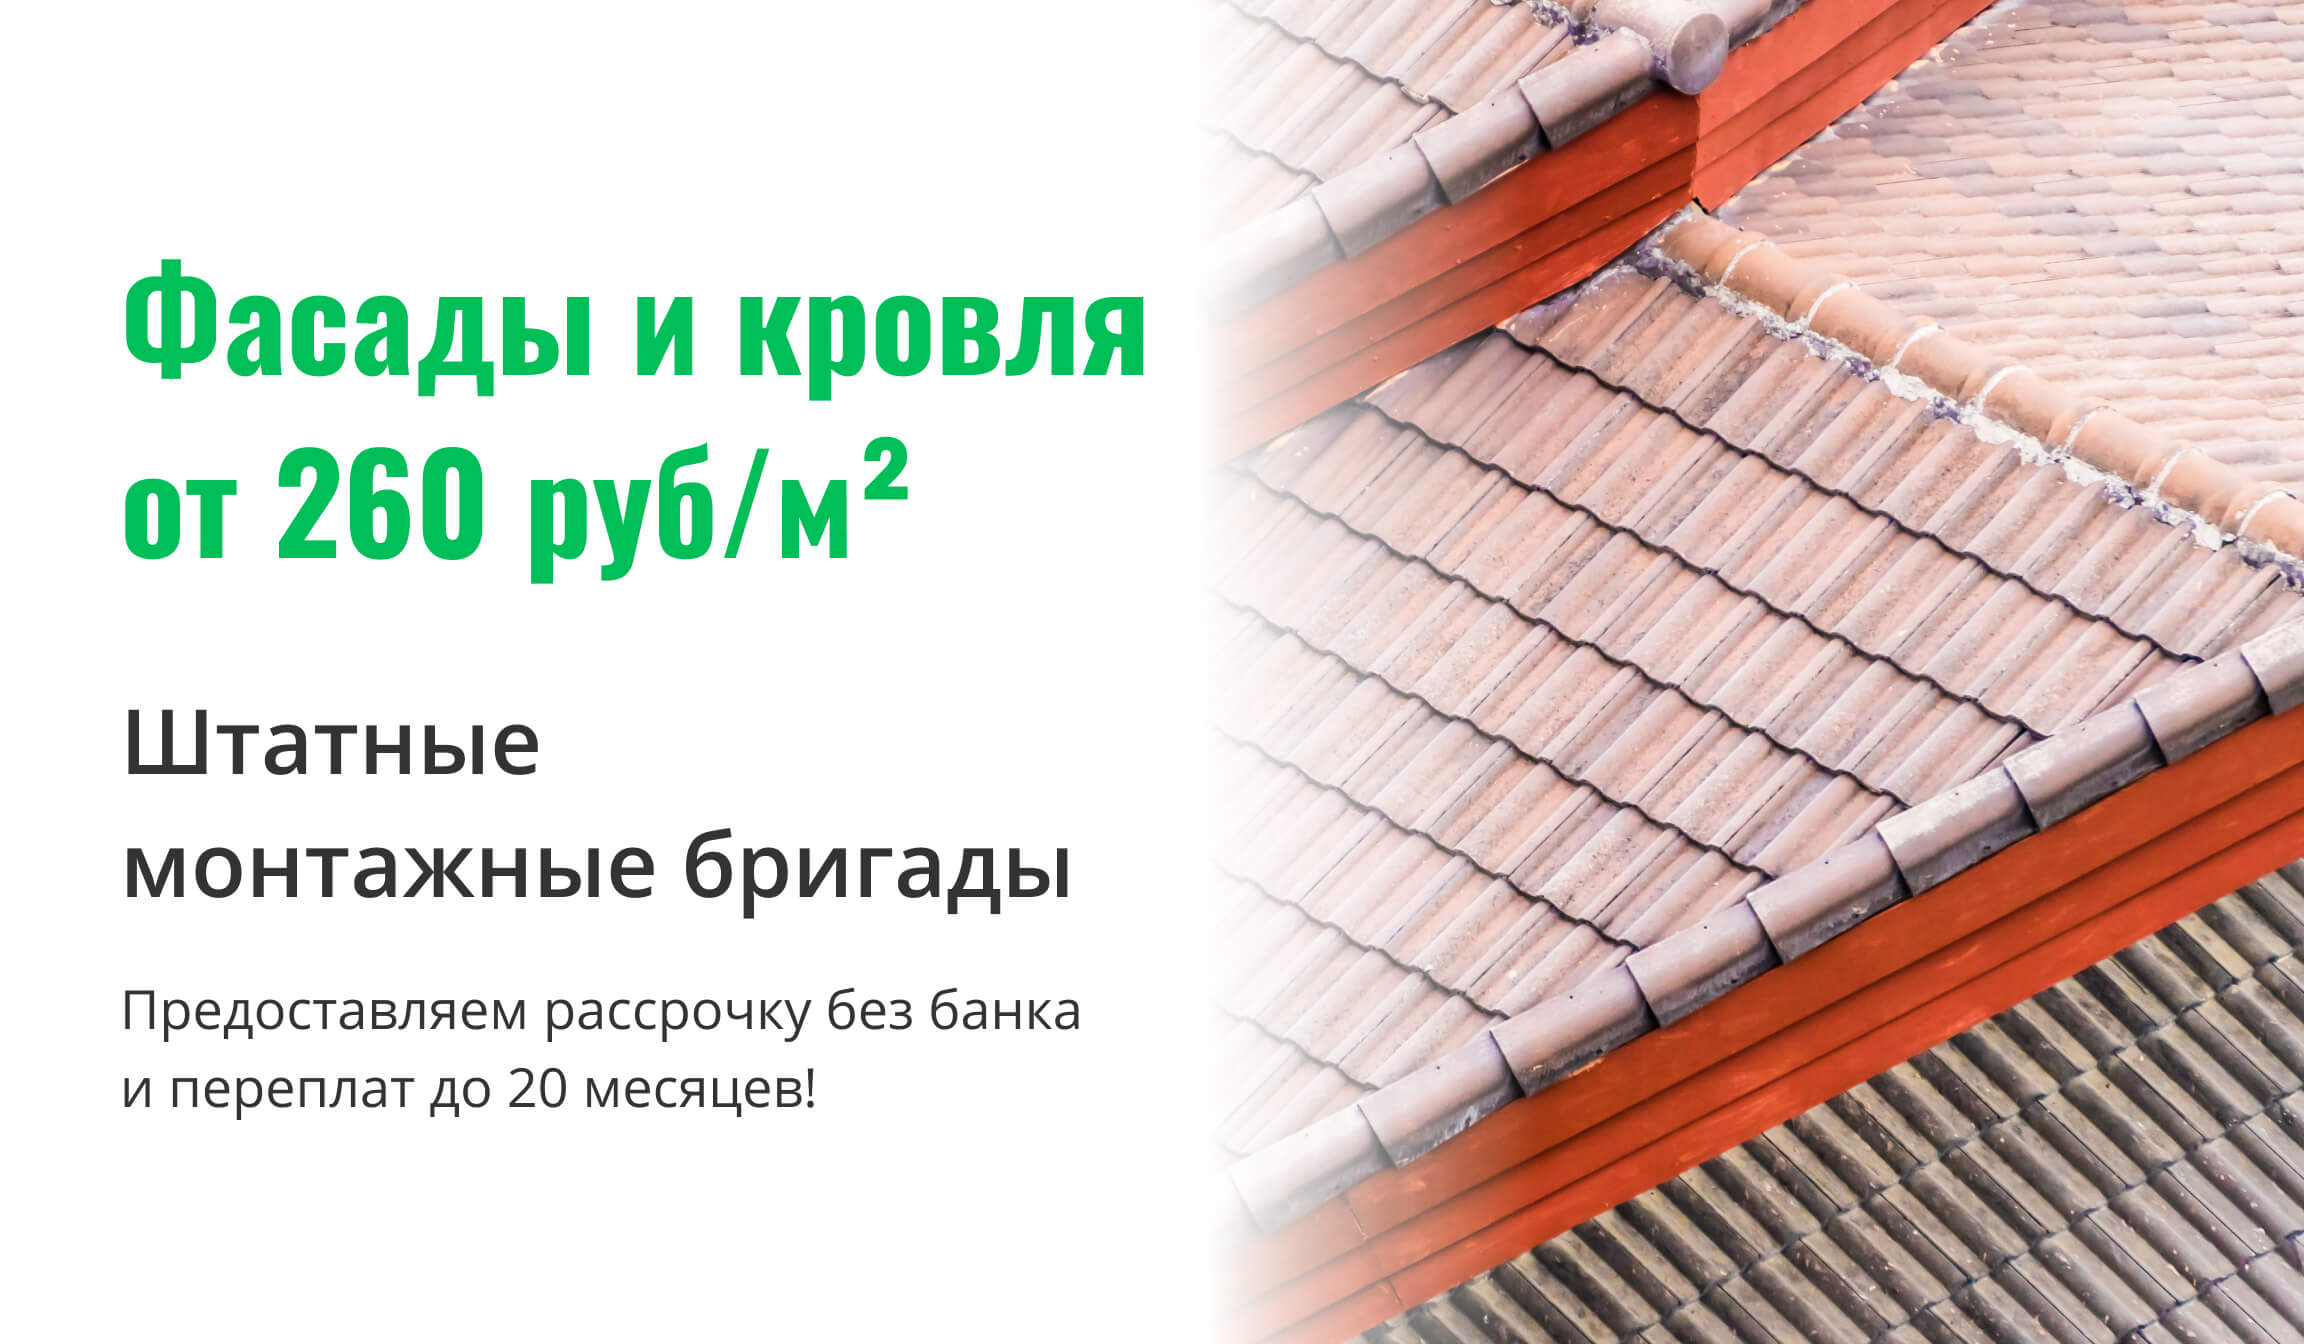 фасады и кровля от 260 рублей